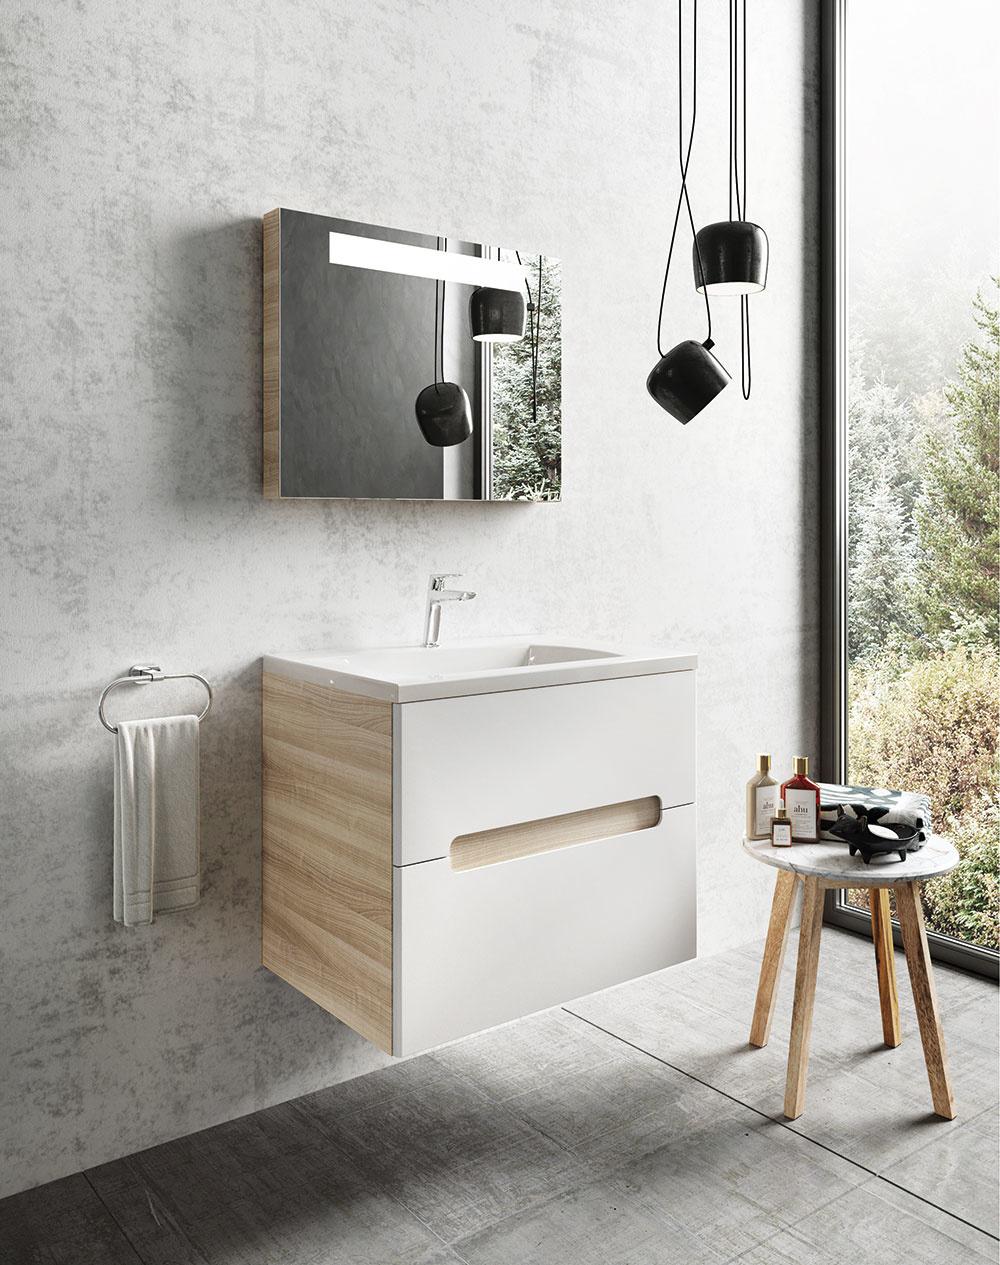 KÚPEĽŇOVÝ NÁBYTOK Classic od značky Ravak. Dizajnér doň včlenil myšlienku jednoduchosti apraktickosti vich esenciálnej podobe. Úsporné vonkajšie línie ozvláštňuje zľahka vykrojené držadlo oválneho tvaru vduchu minimalizmu.